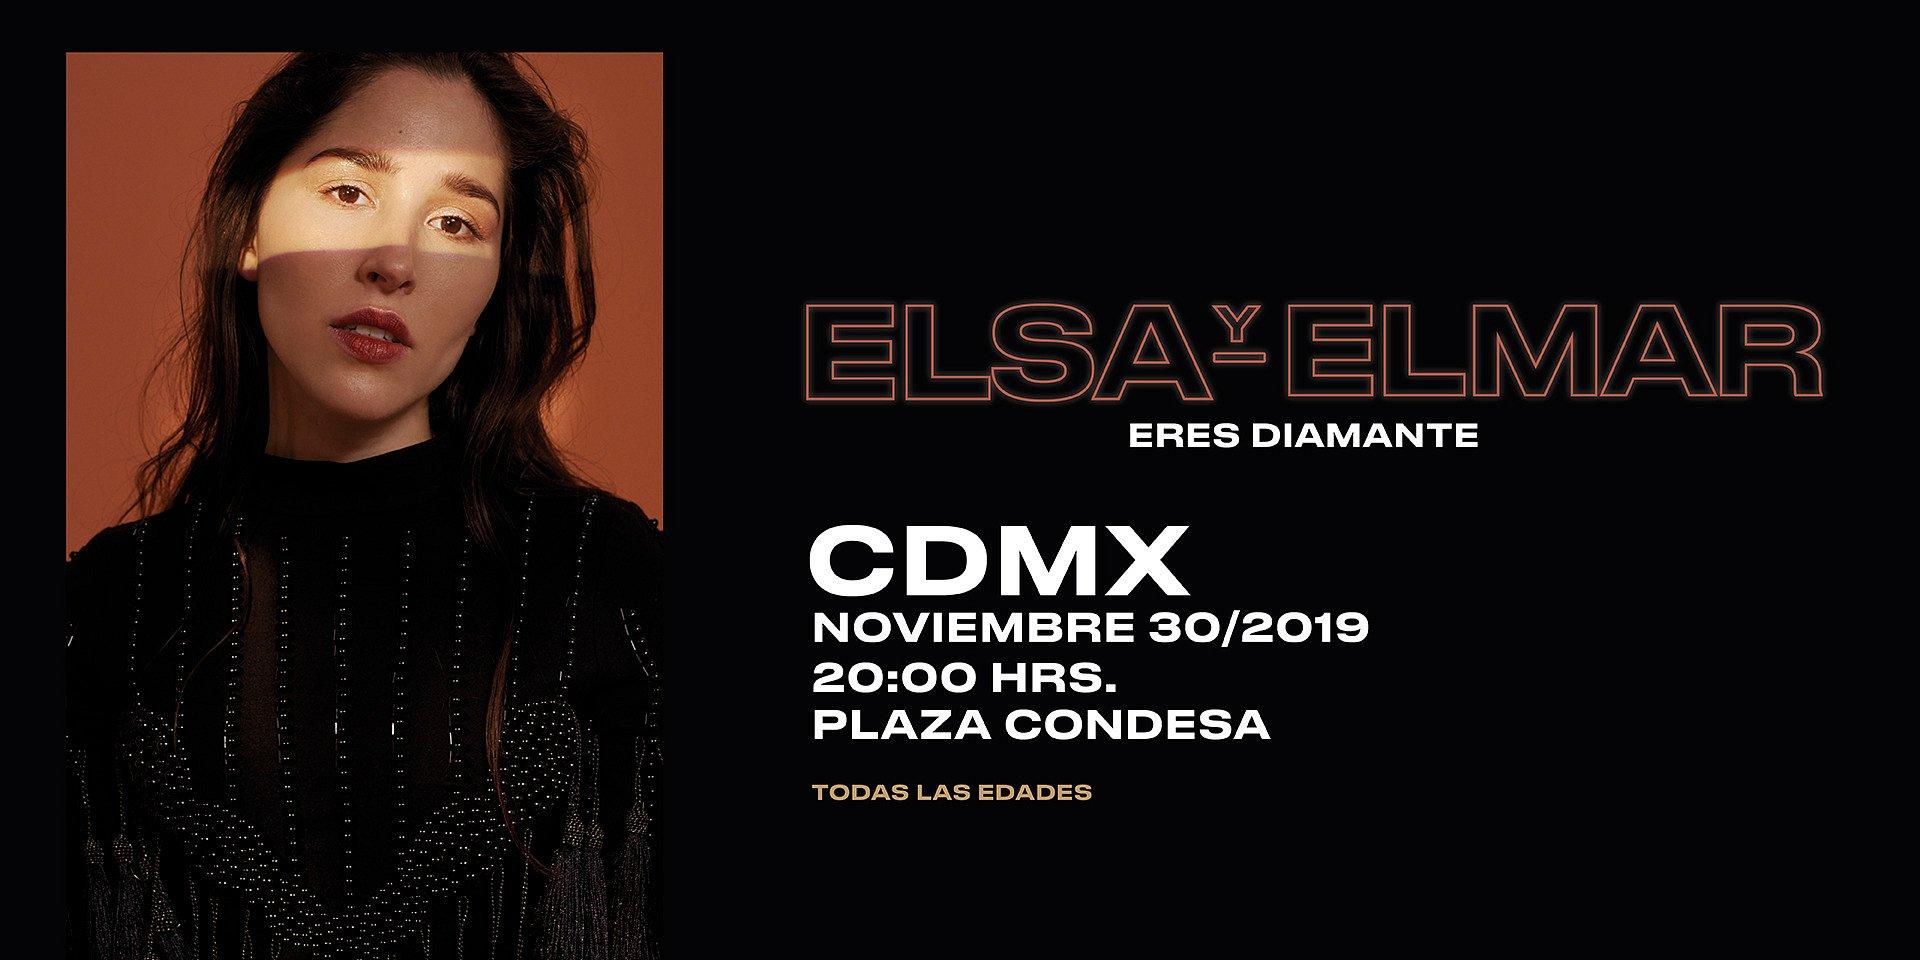 """Elsa y Elmar llegará a El Plaza Condesa con su nuevo disco """"Eres diamante"""""""